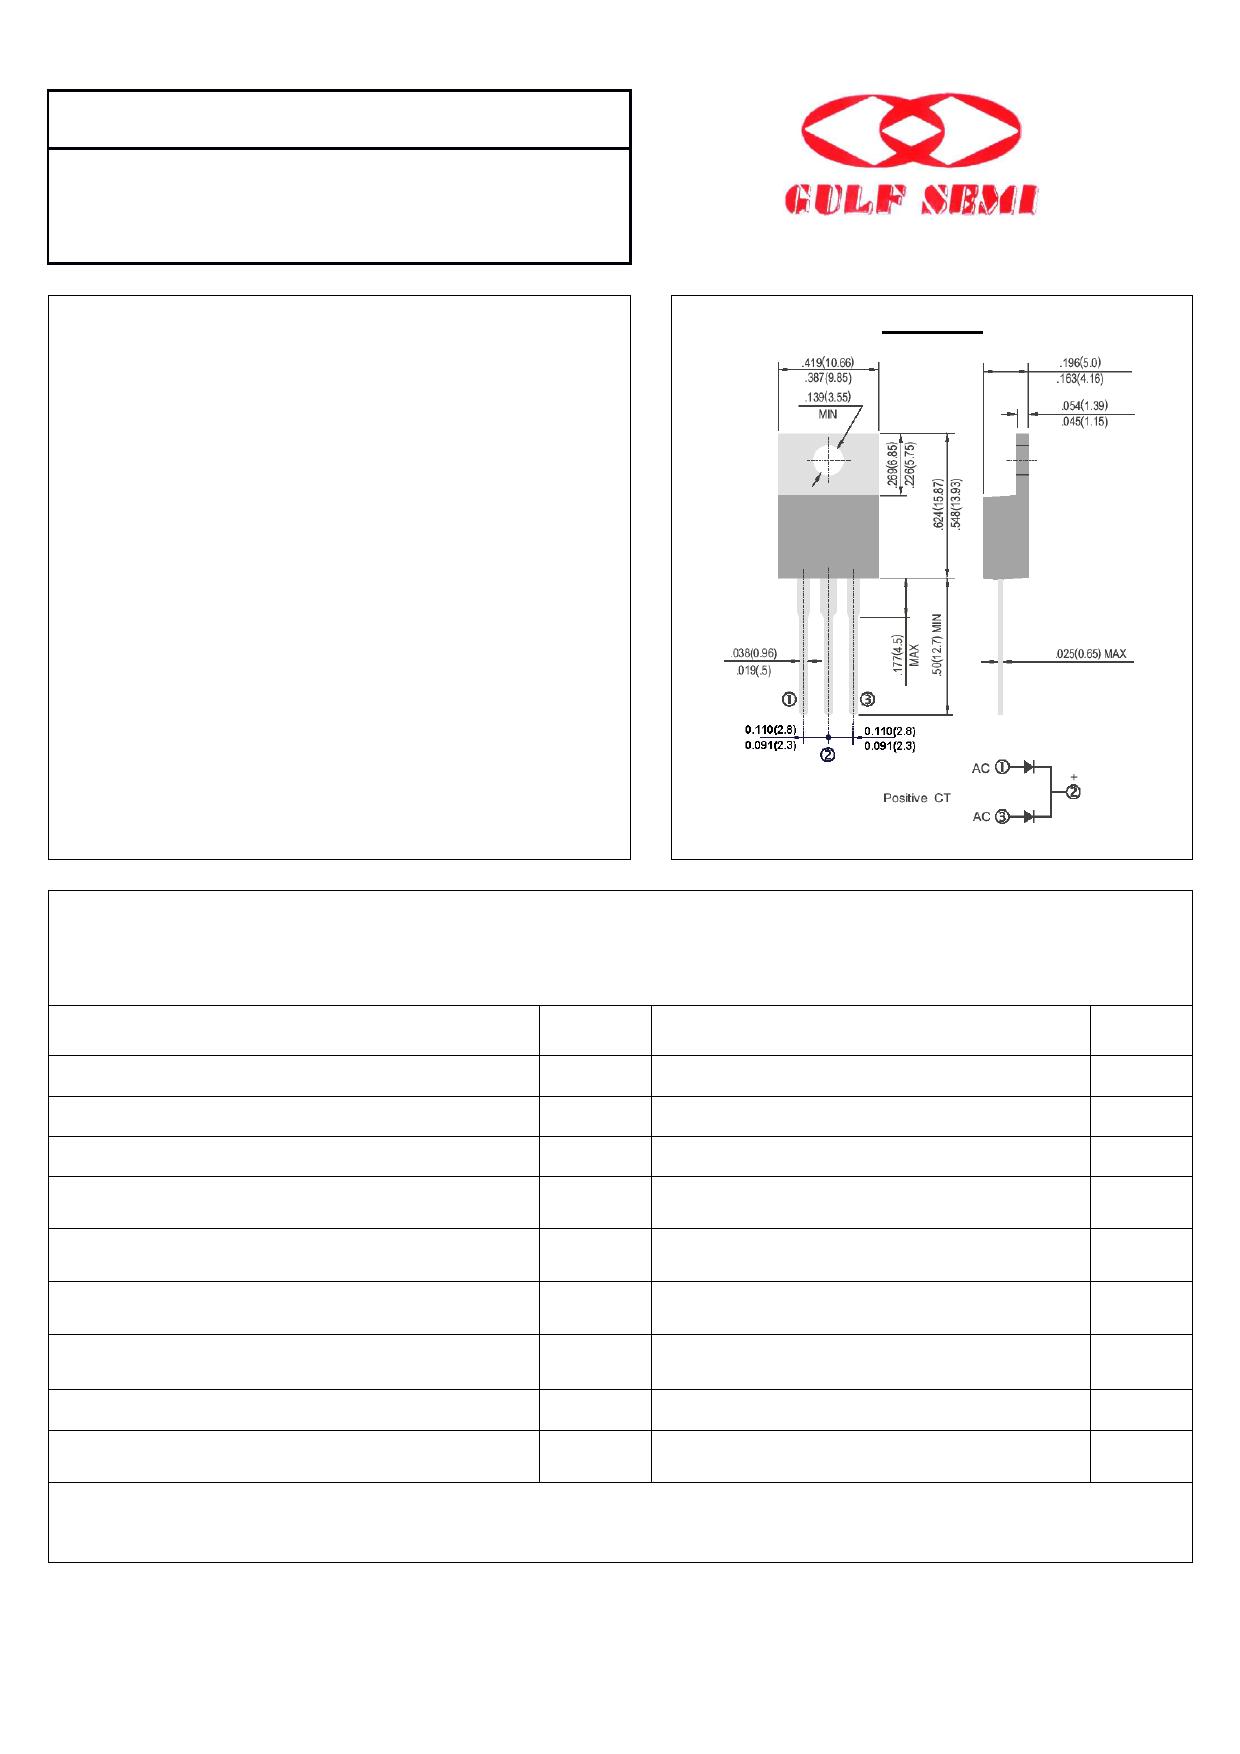 SB2045CT datasheet, circuit